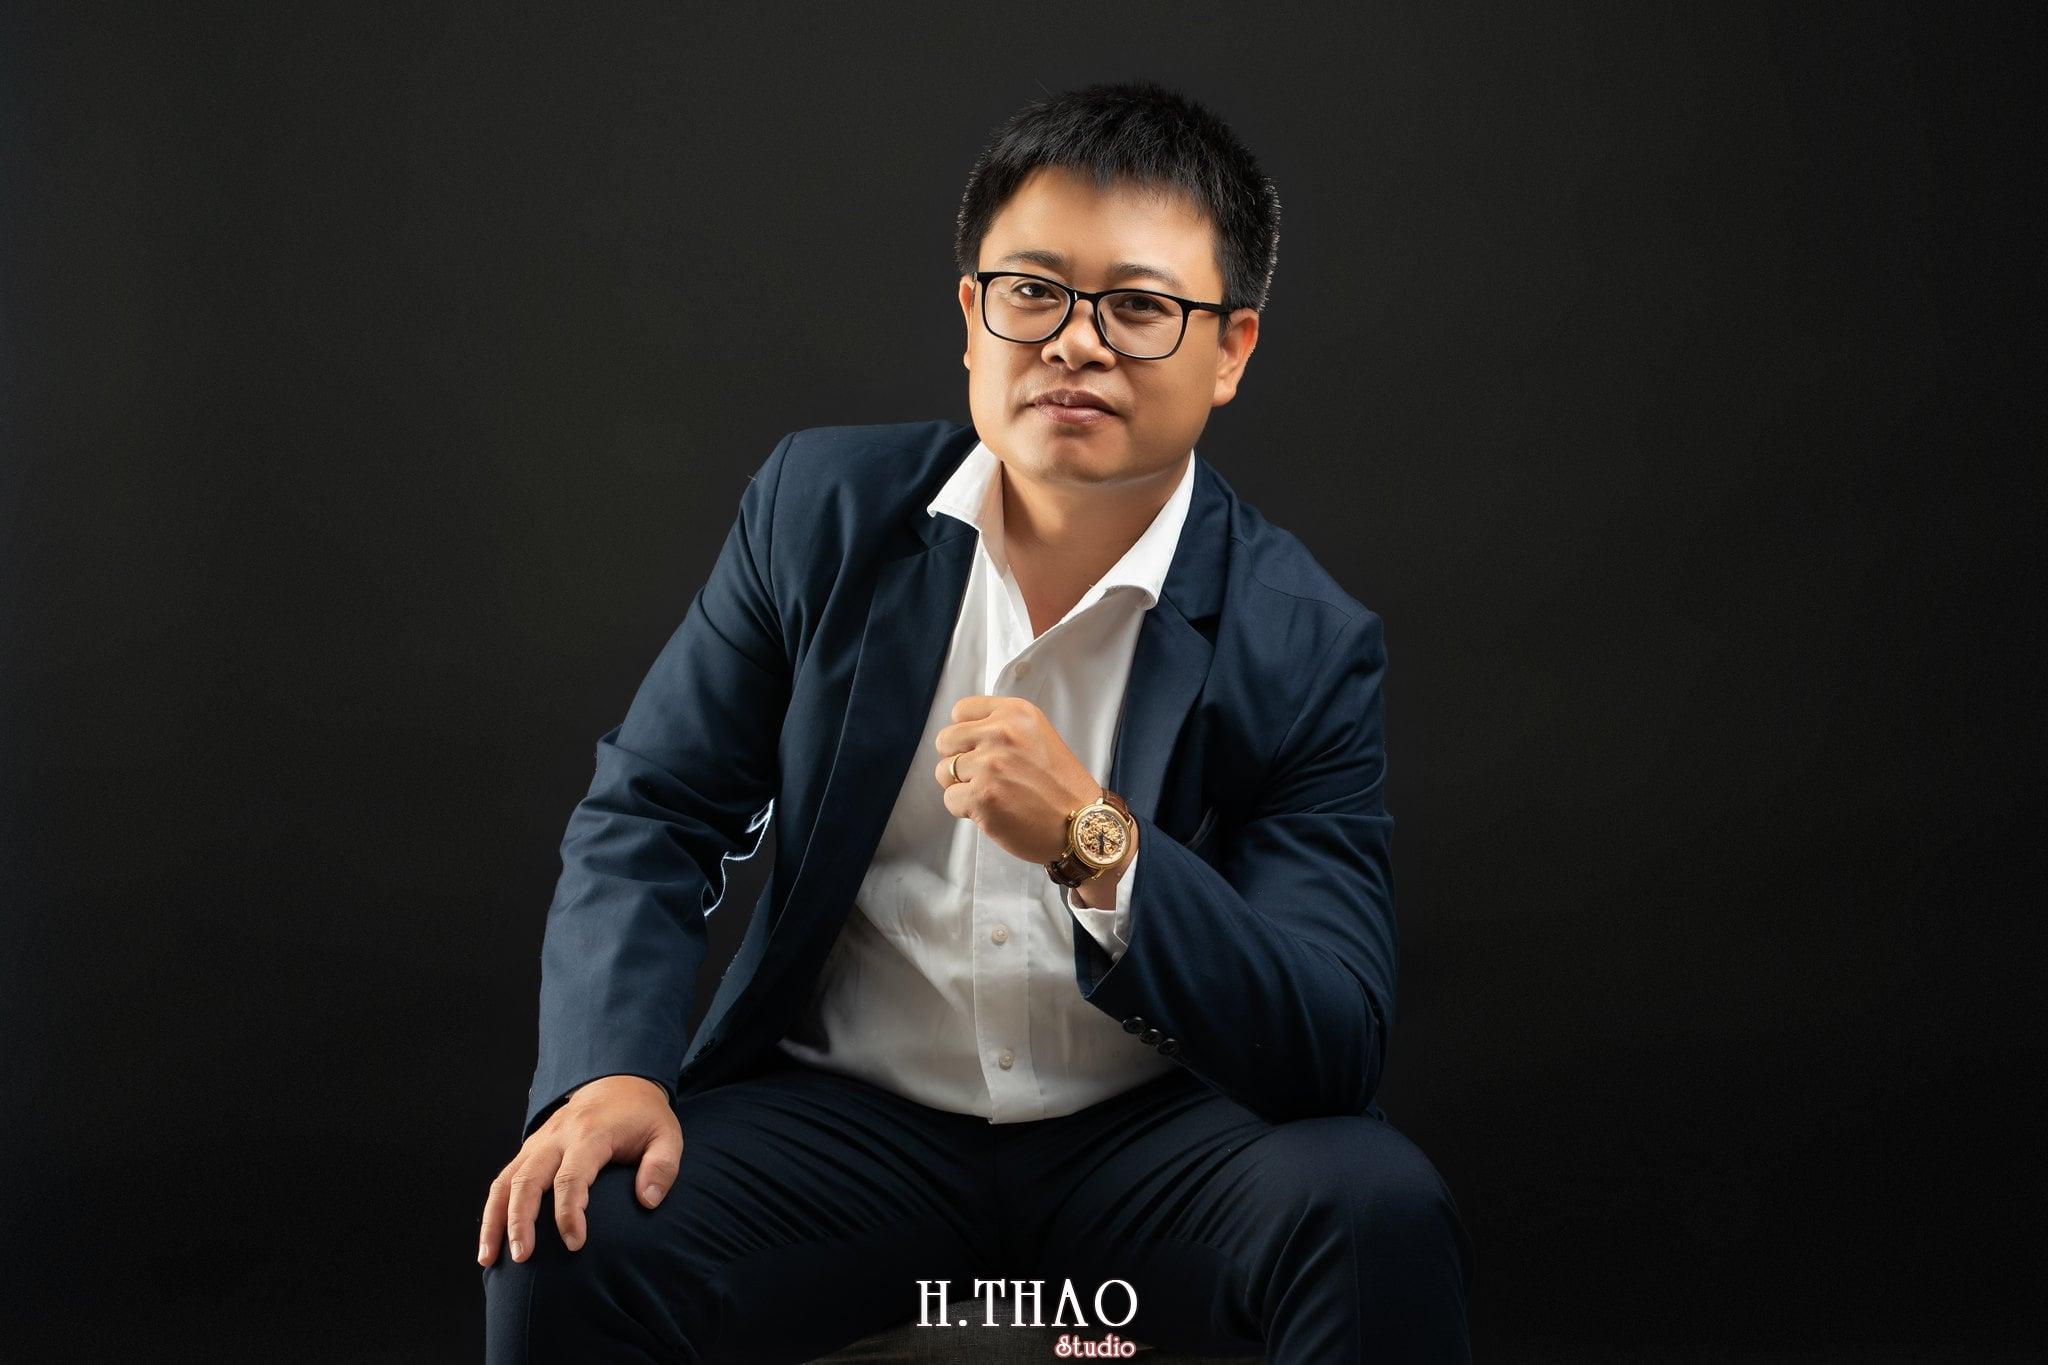 Anh Hoang 3 min - Album ảnh giám đốc Hoàng VIB lịch lãm - HThao Studio